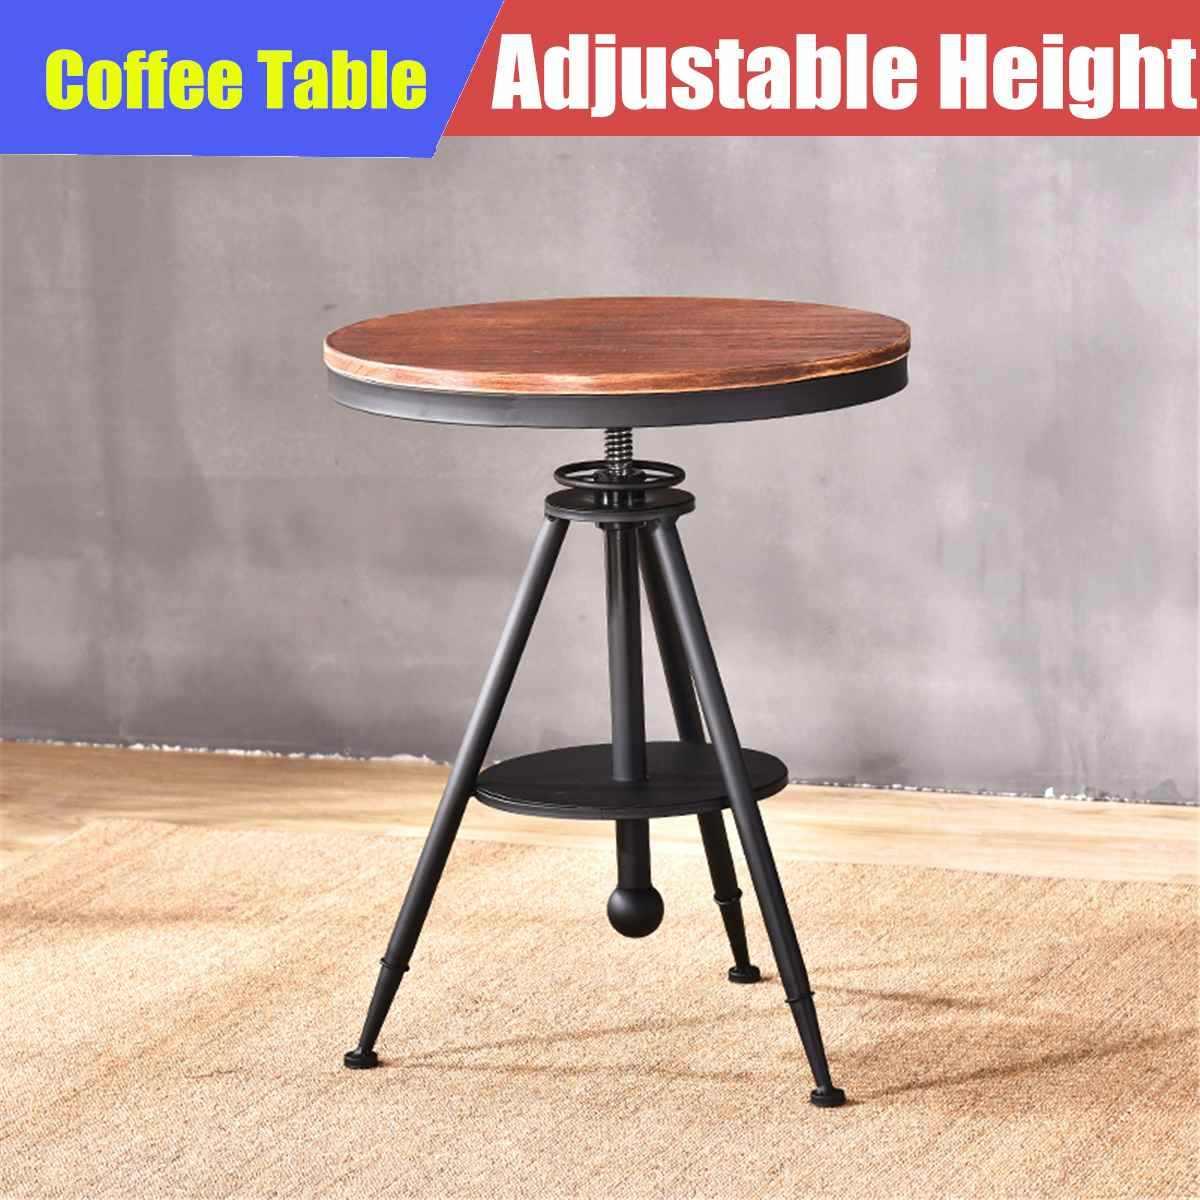 Круглая скатерть для обеденного стола Деревянный винтажный промышленный Бар Кафе кофейная мебель Украшение наружное бистро барный стул регулируемая высота